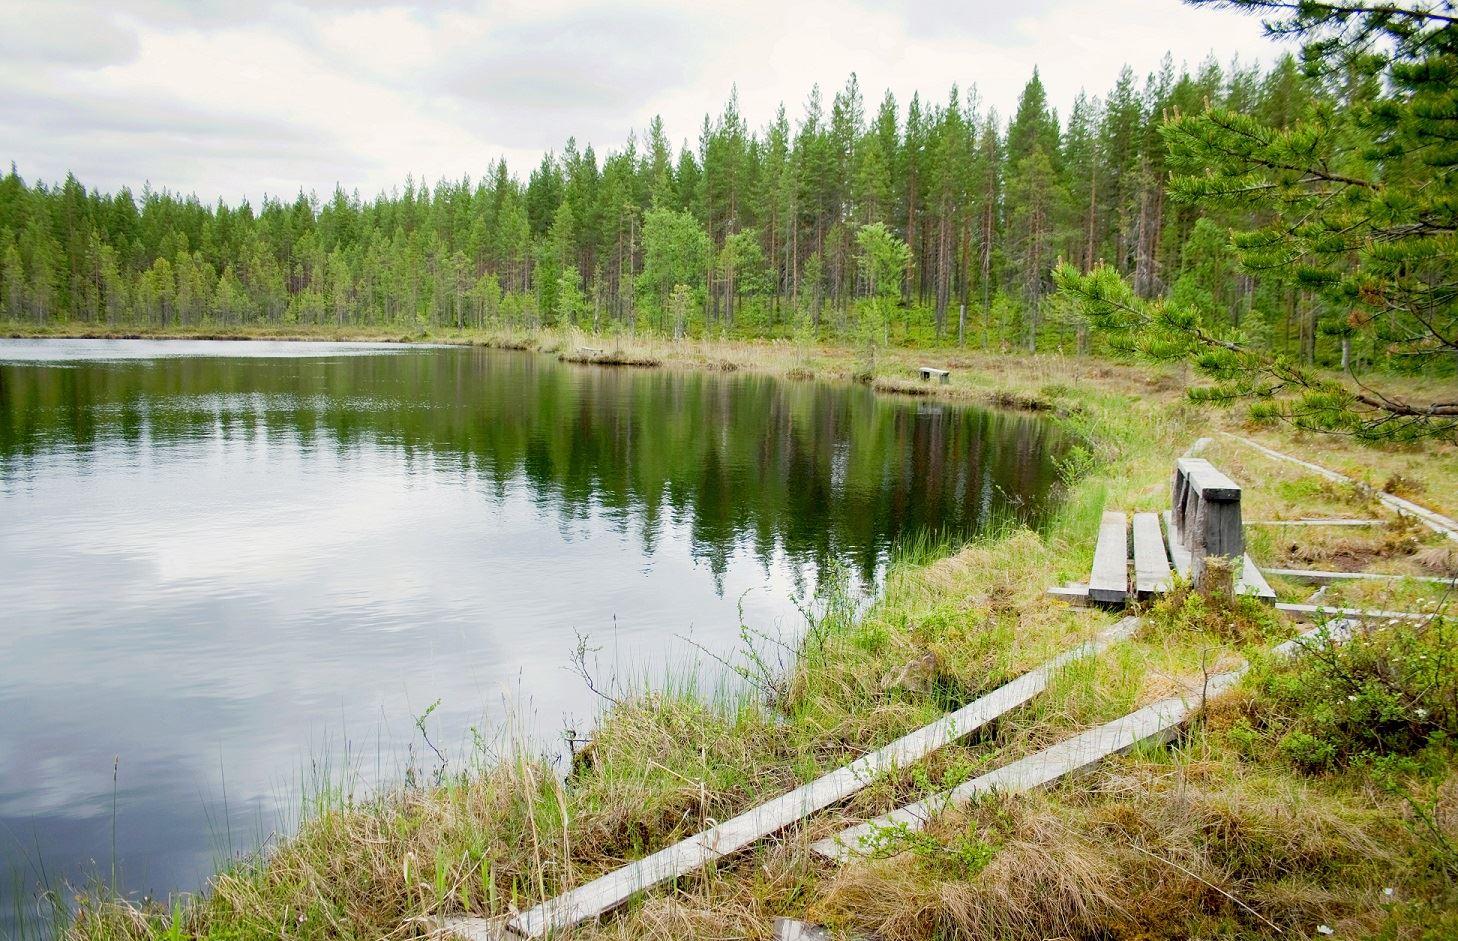 Malin Hedman,  © Malå kommun, Stentjärn